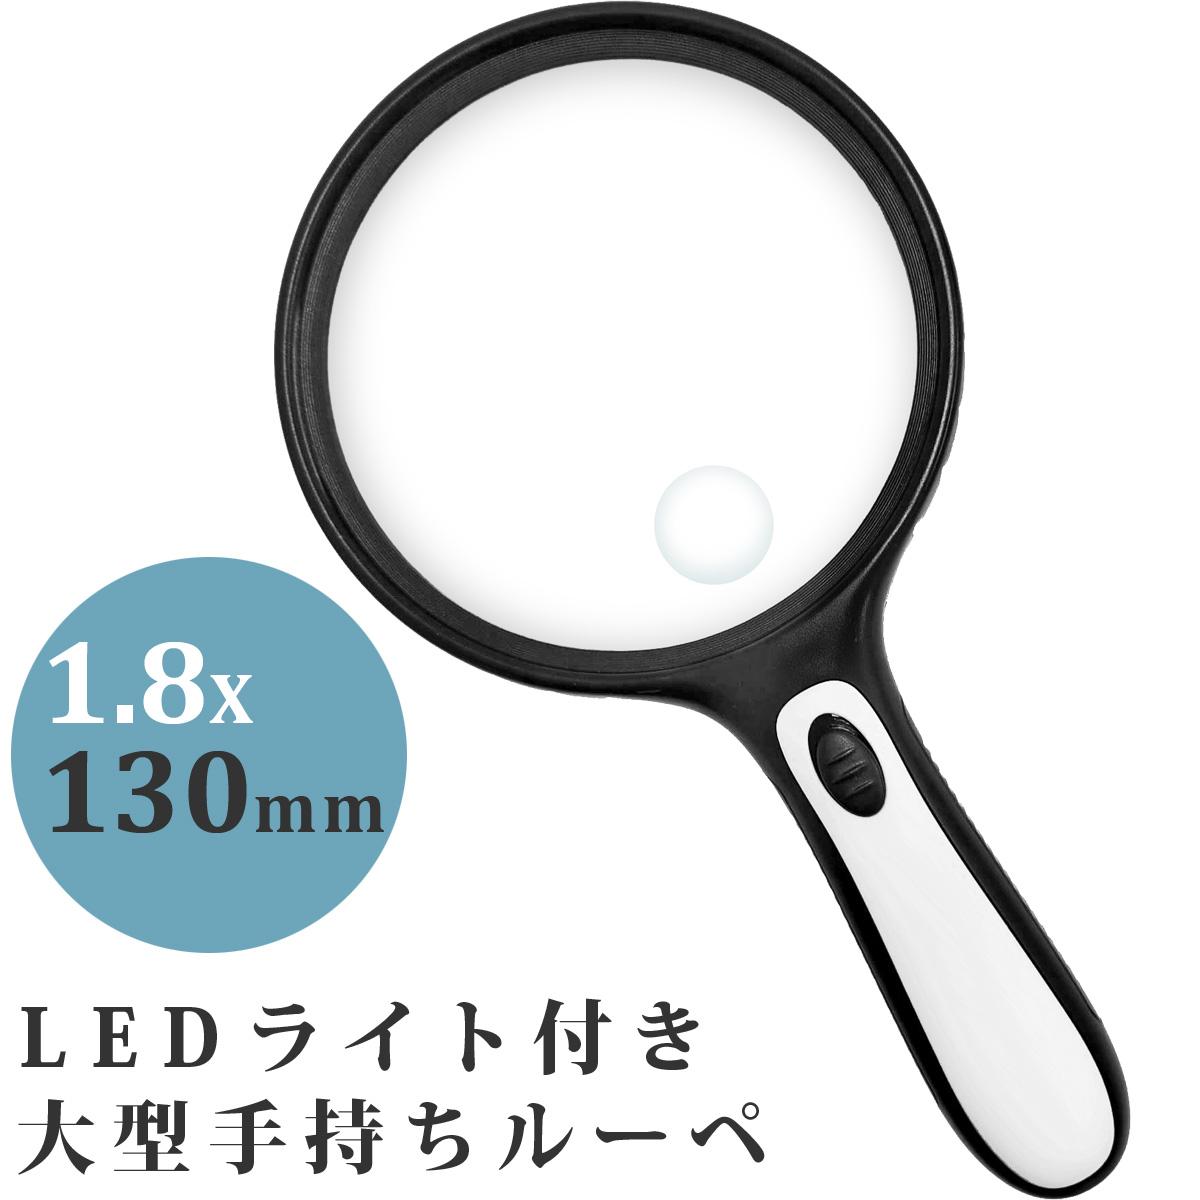 ルーペ LED ライト付き 大型 手持ちルーペ SN-130LH 1.8倍 130mm 虫眼鏡 拡大鏡 読書 池田レンズ アウトレット